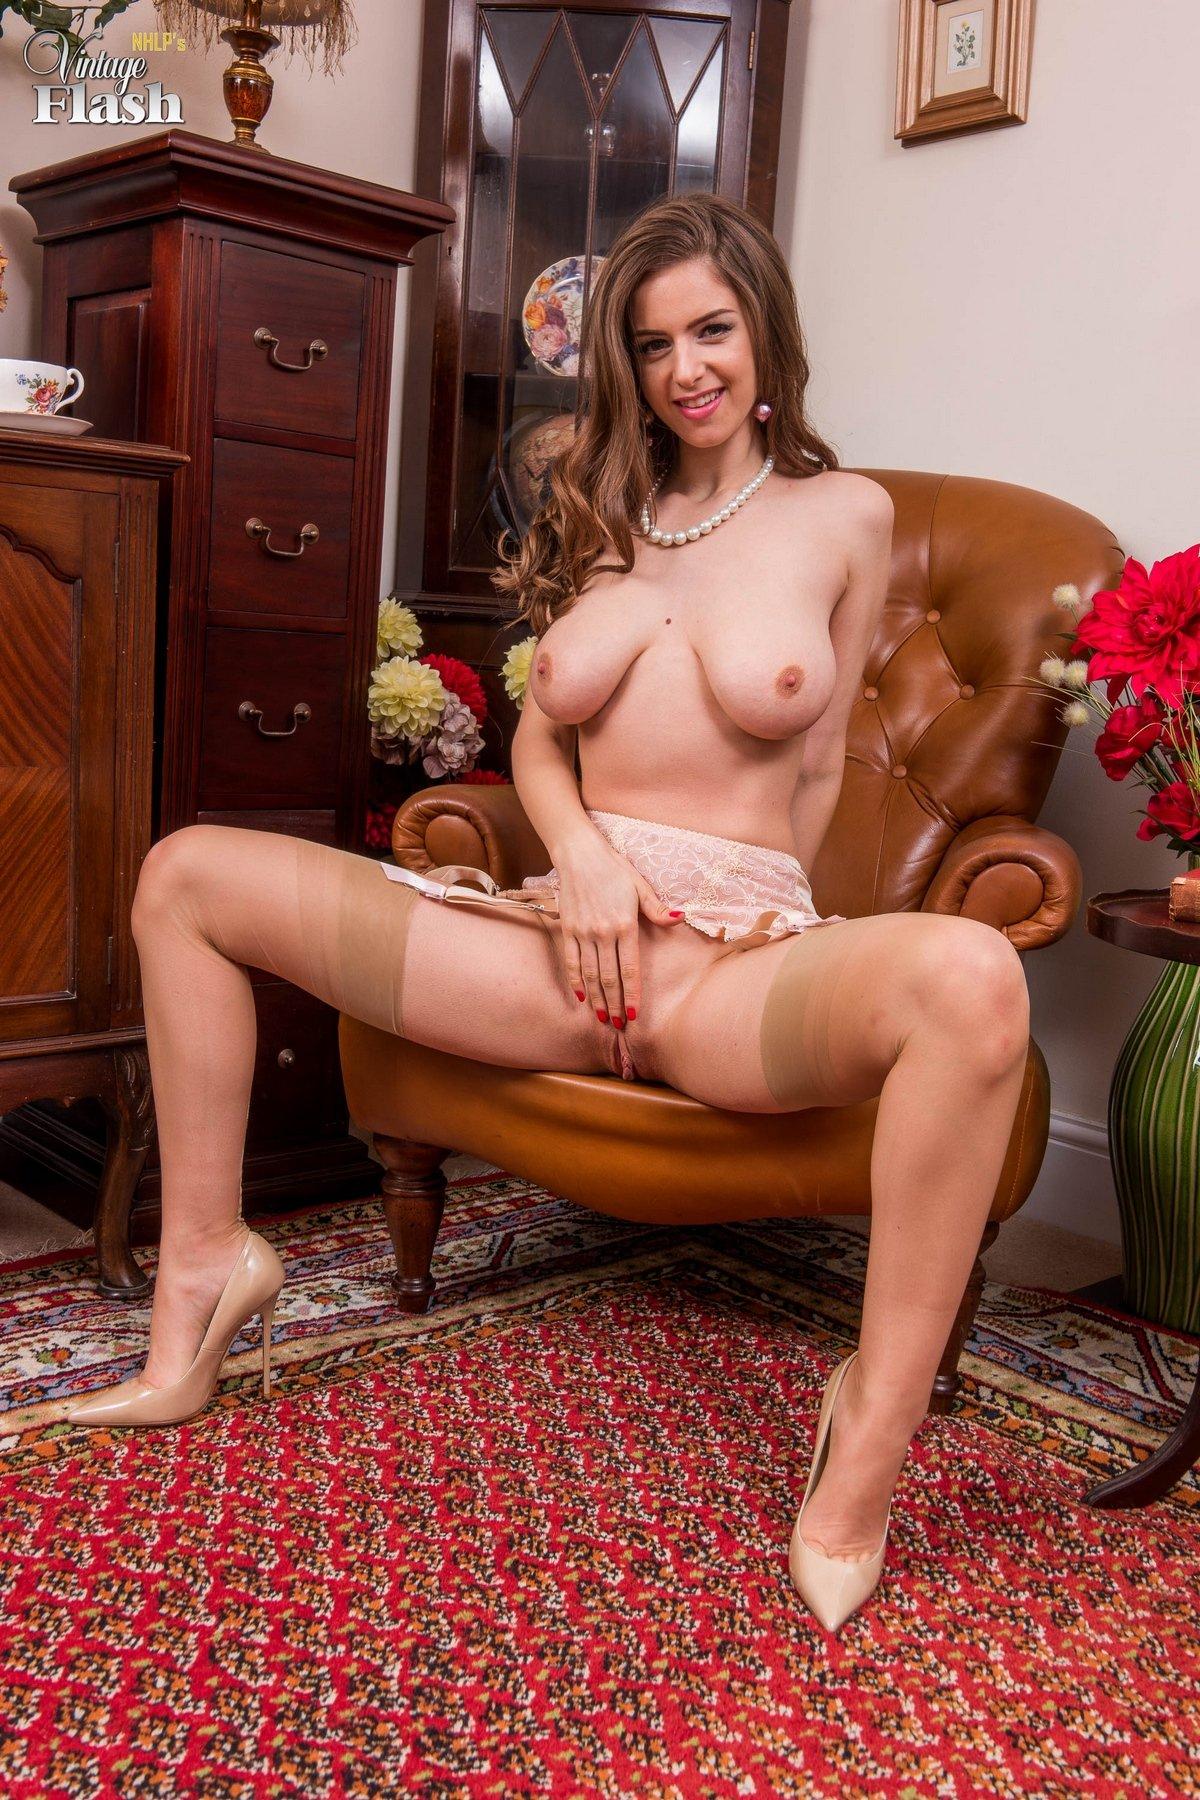 Девушка в красивом белье и носках показывает классные титьки секс фото